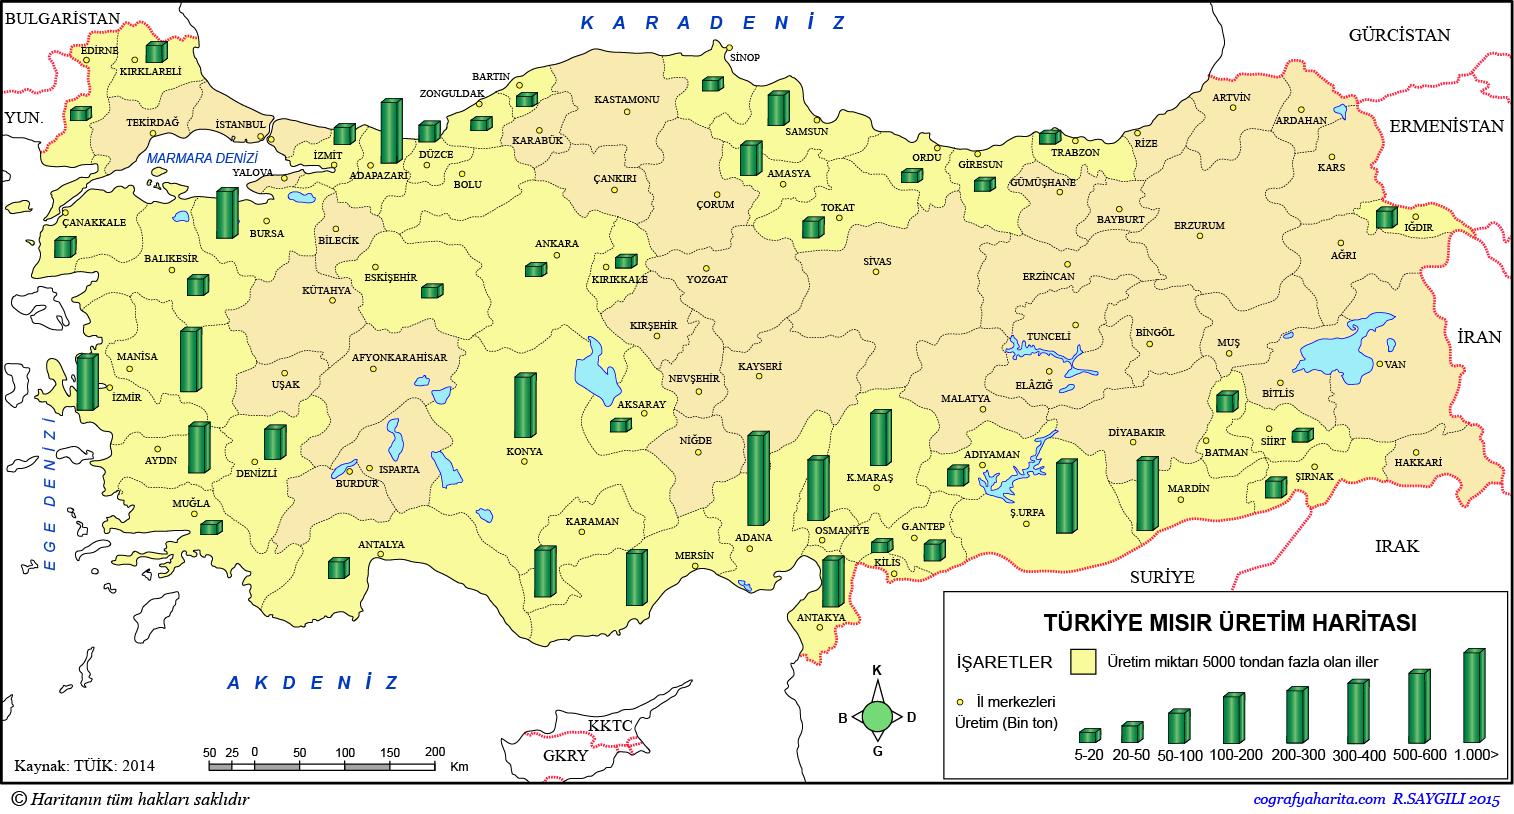 Türkiye Mısır Üretim Haritası 2